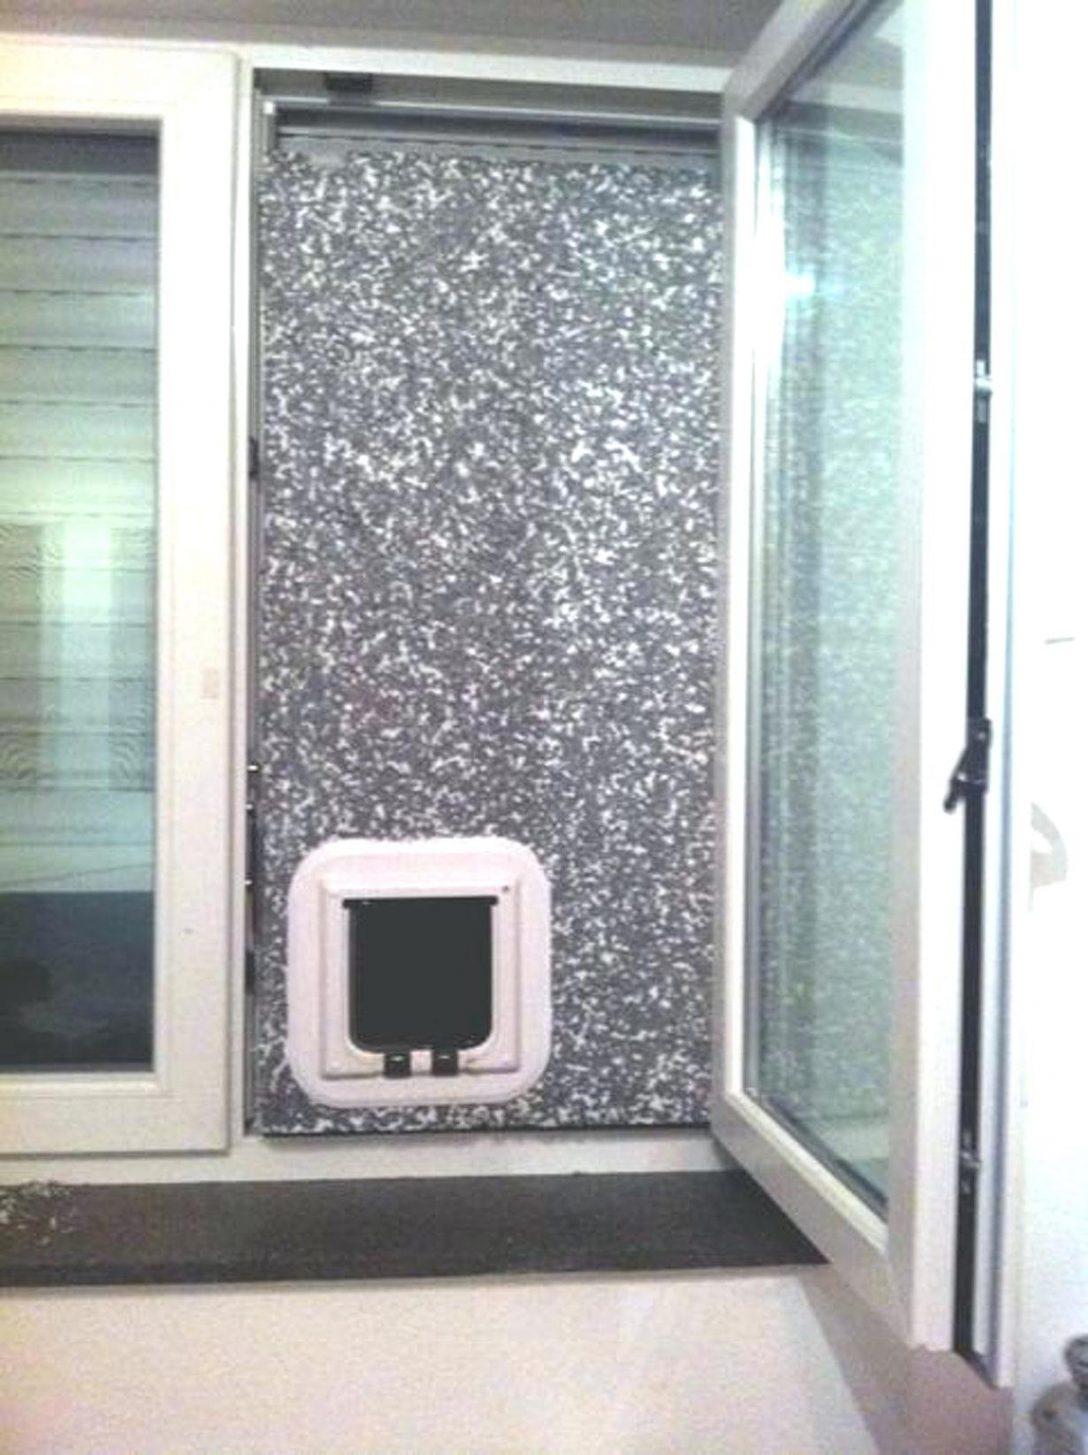 Large Size of Polnische Fenster Polen Fensterbauer Kaufen Online Firma Erfahrungen Mit Montage Einbau Suche Fensterhersteller Polnischefenster 24 Fensterwelten Aus Fenster Polnische Fenster